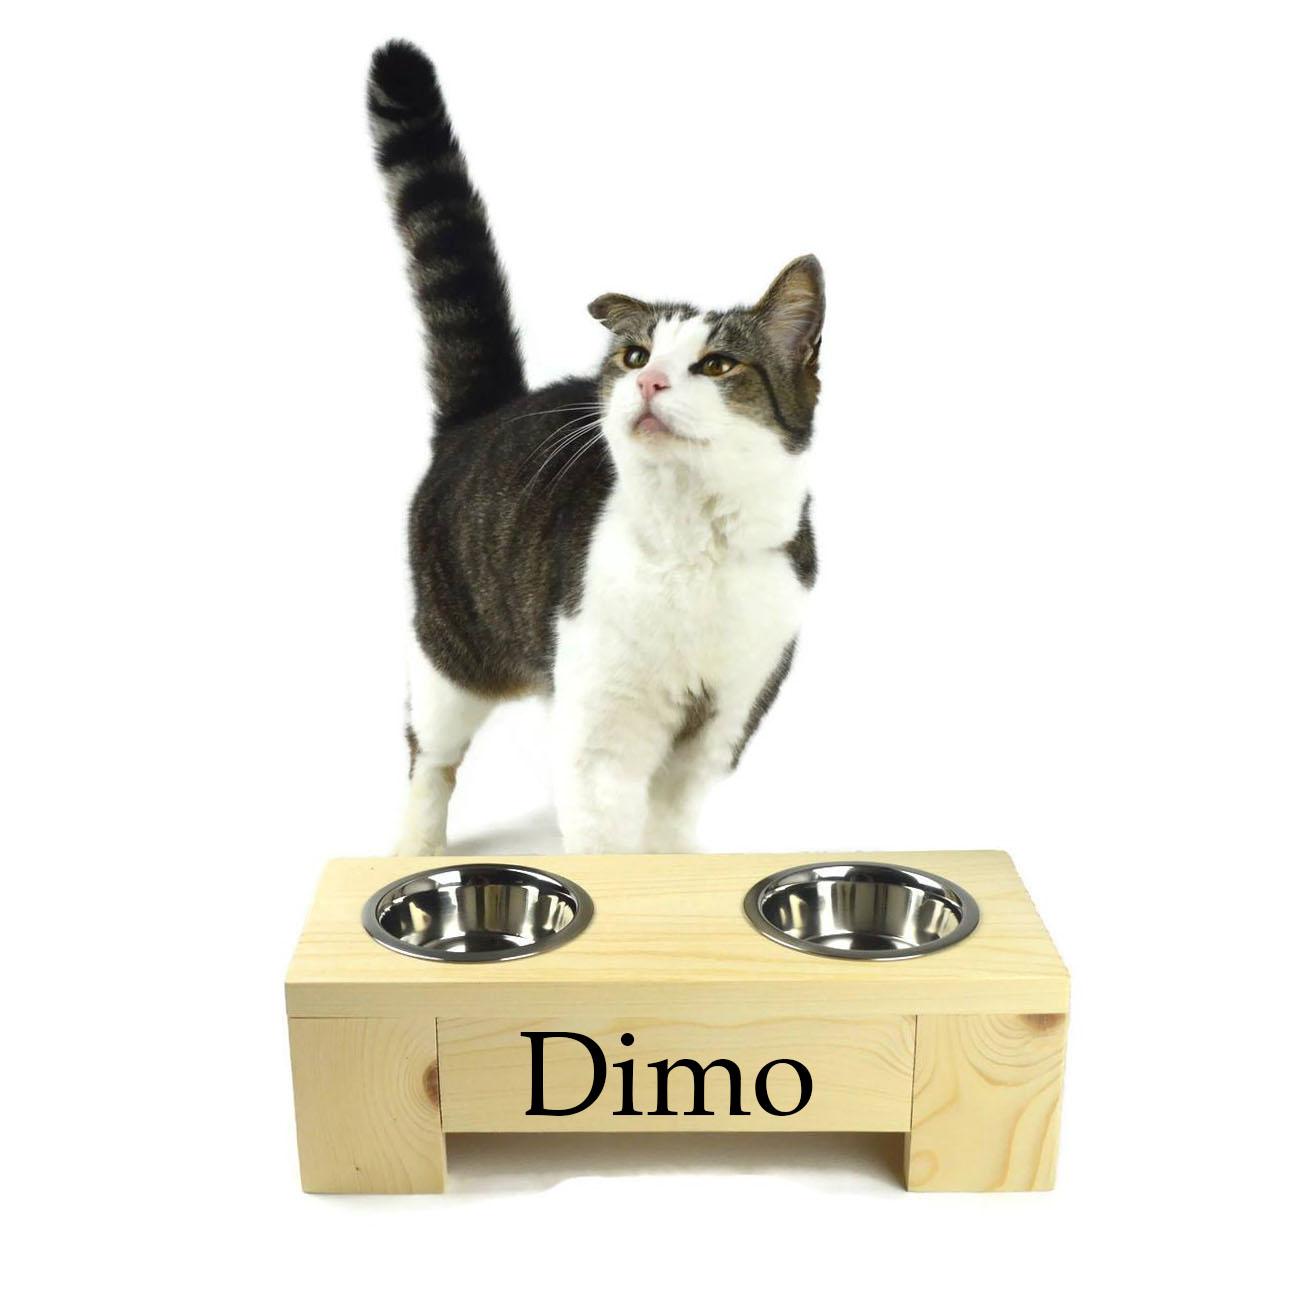 Kattenvoerbak van hout met eigen naam ladecos